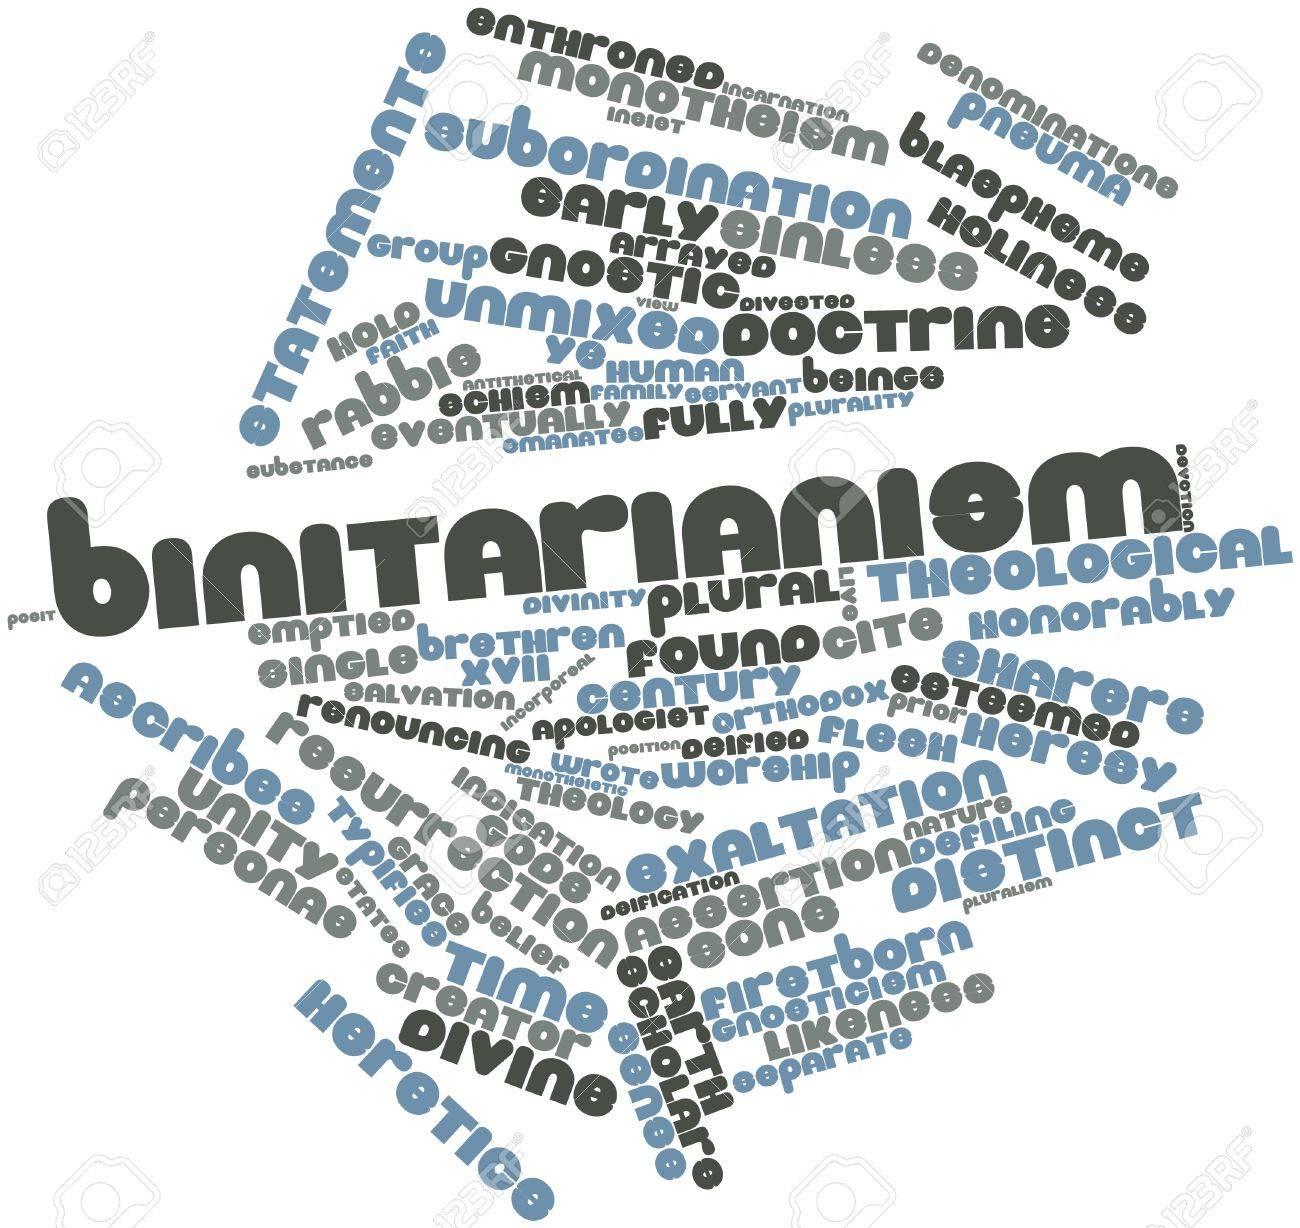 Binitarianism